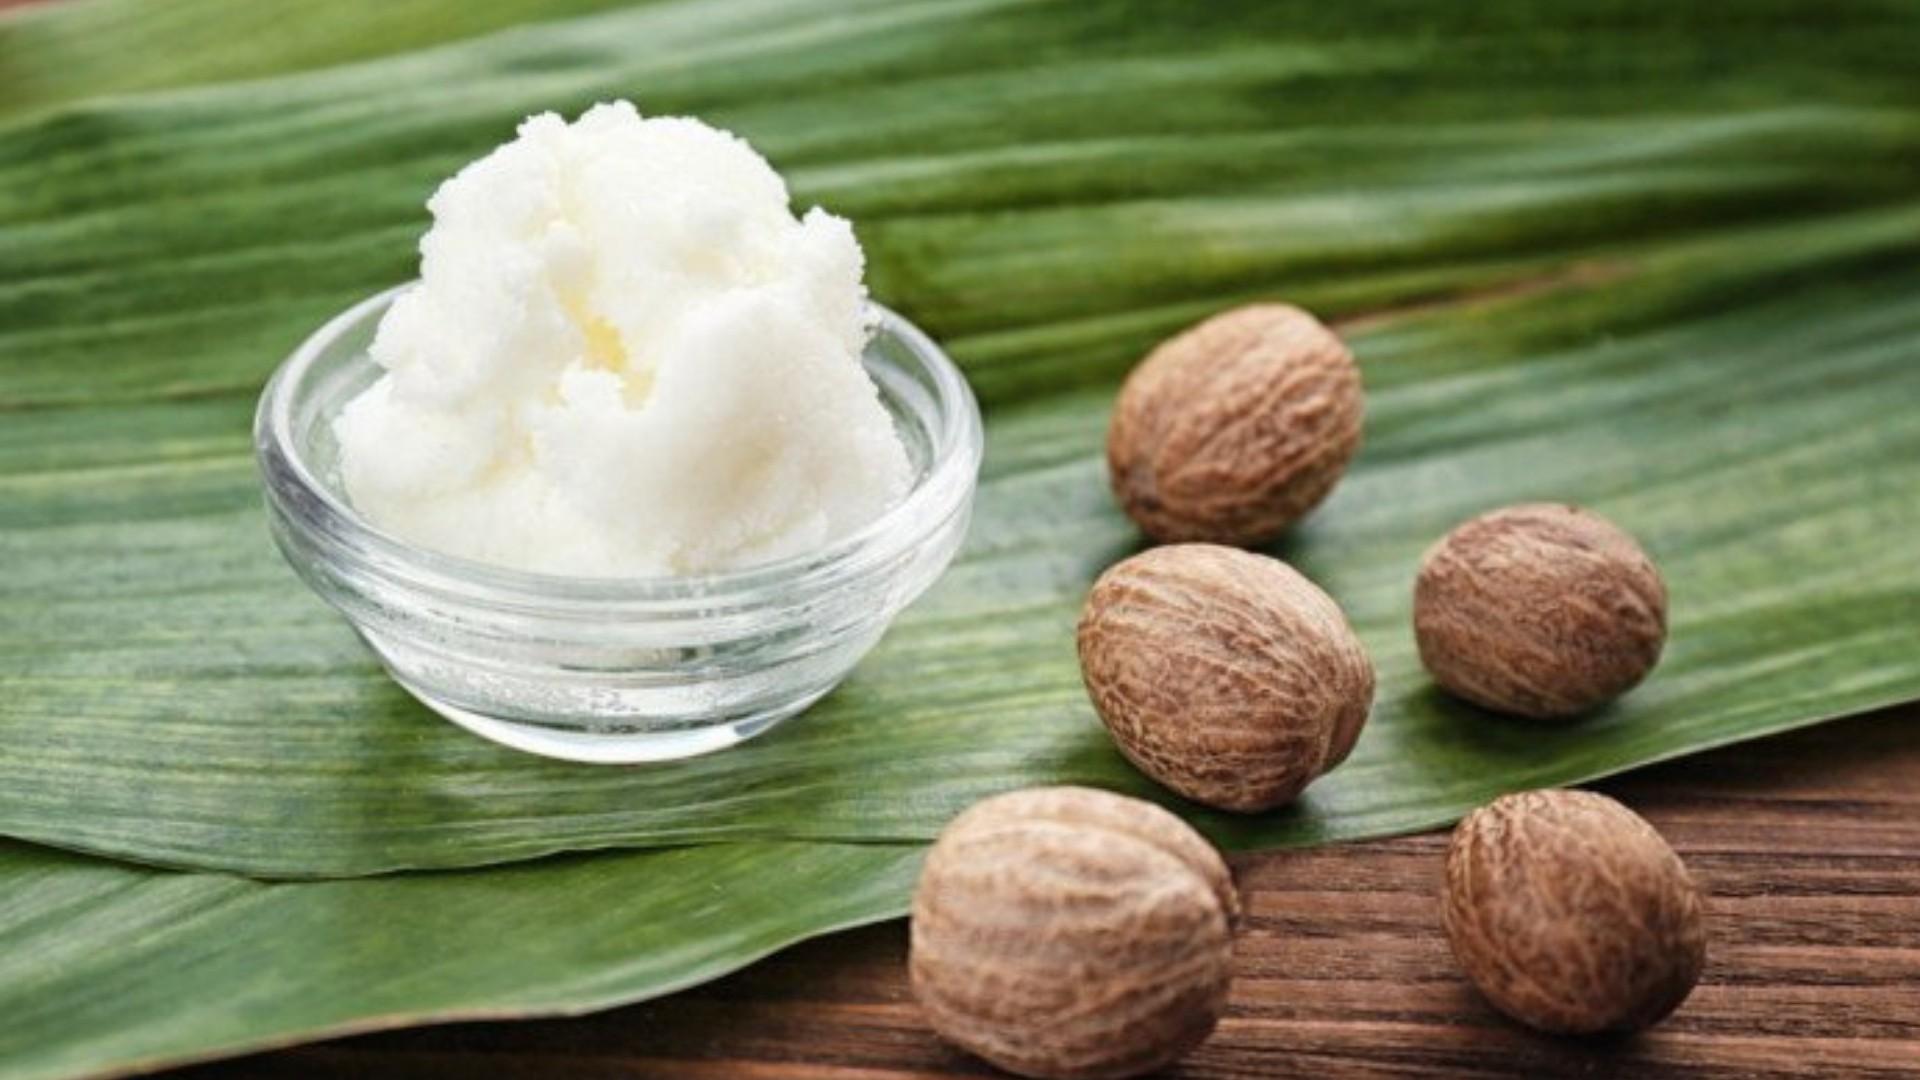 Her alanda kullanılan shea butter (karite yağı) nedir? | Karite yağı yediğinizi ve sürdüğünüzü biliyor muydunuz?